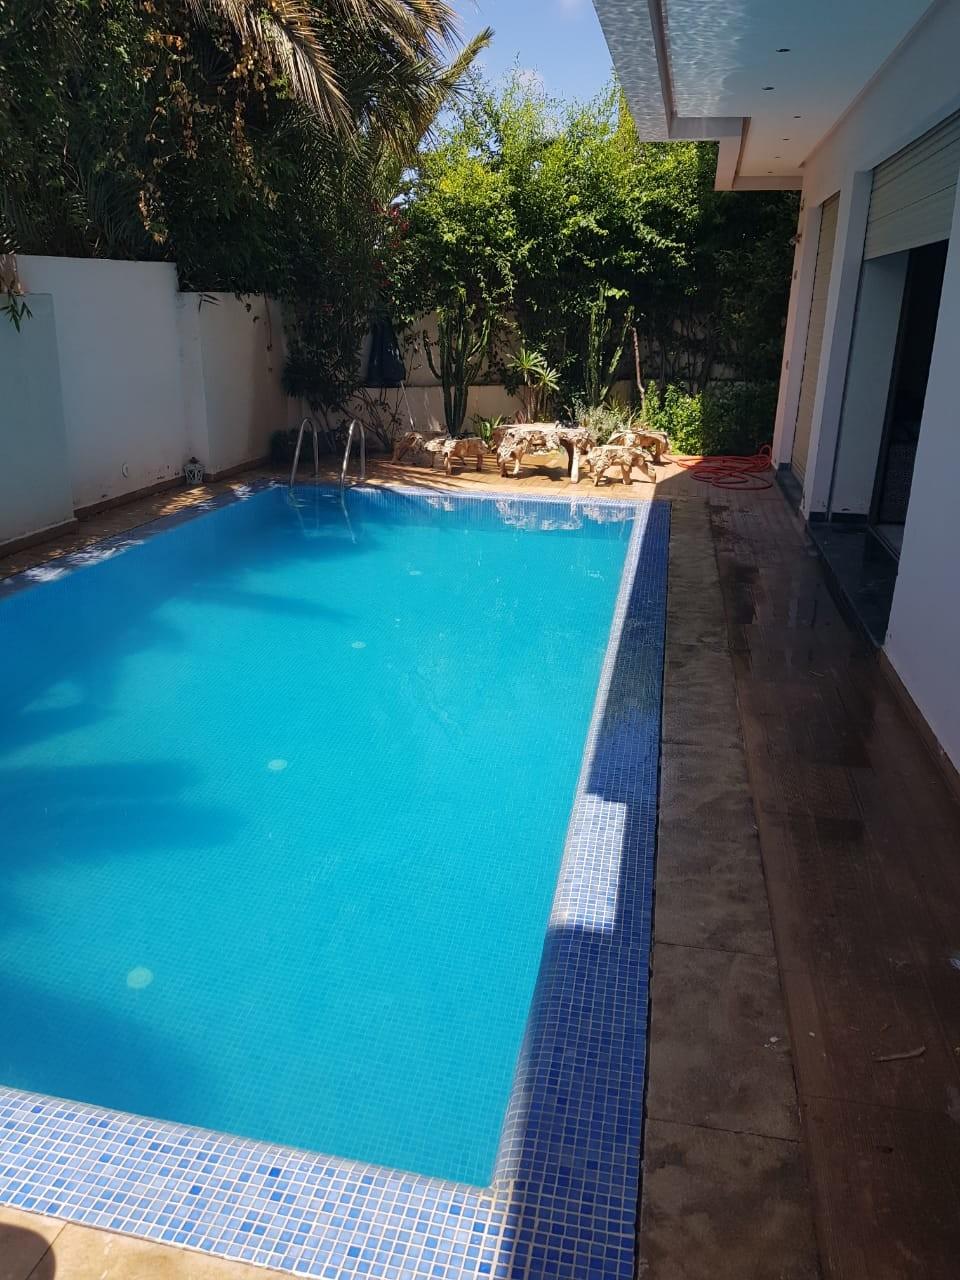 Location <strong>Villa</strong> Casablanca Oasis <strong>309 m2</strong>